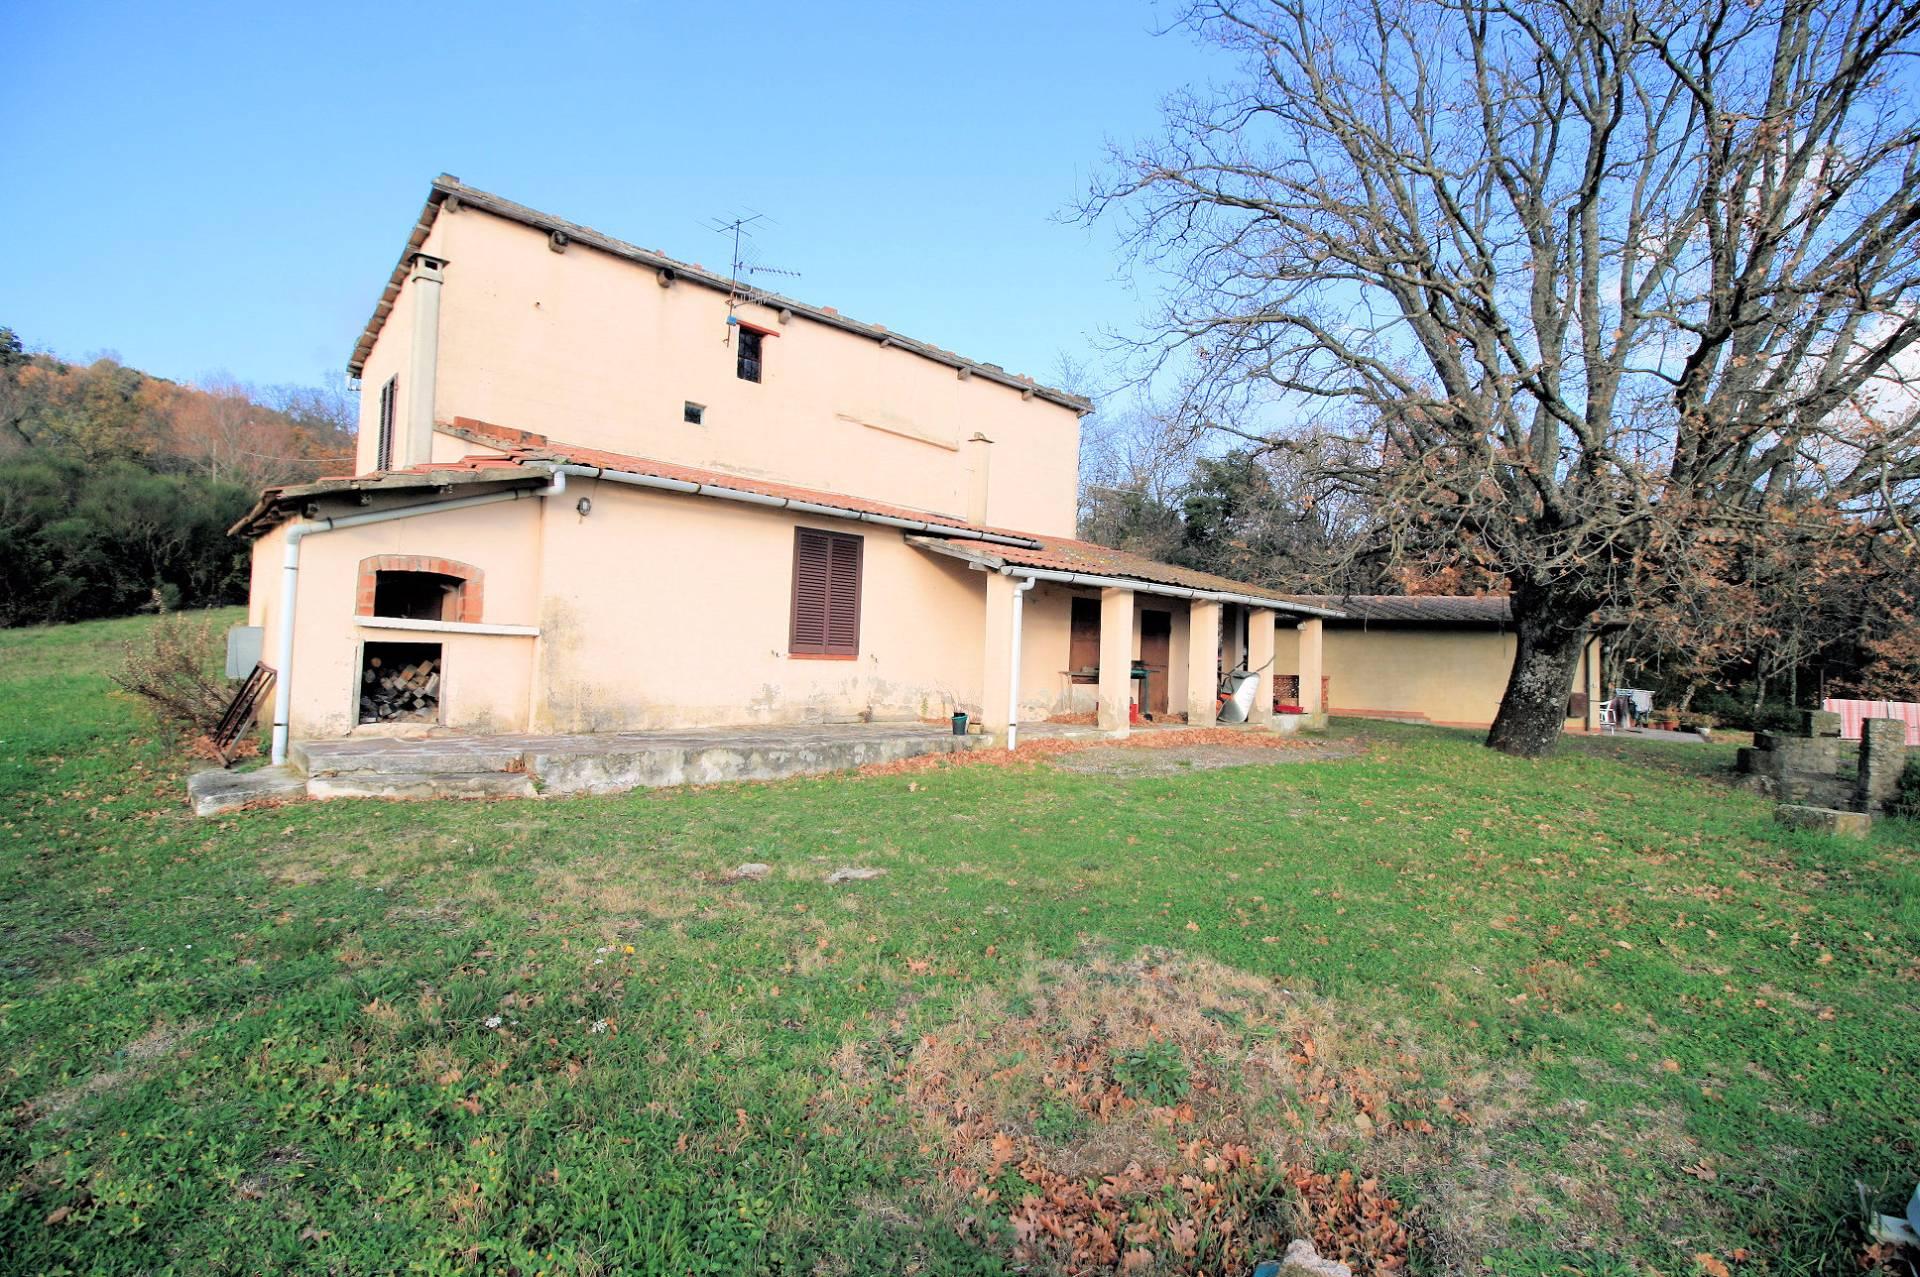 Appartamento in vendita a Roccastrada, 10 locali, zona Zona: Roccatederighi, prezzo € 265.000 | Cambio Casa.it